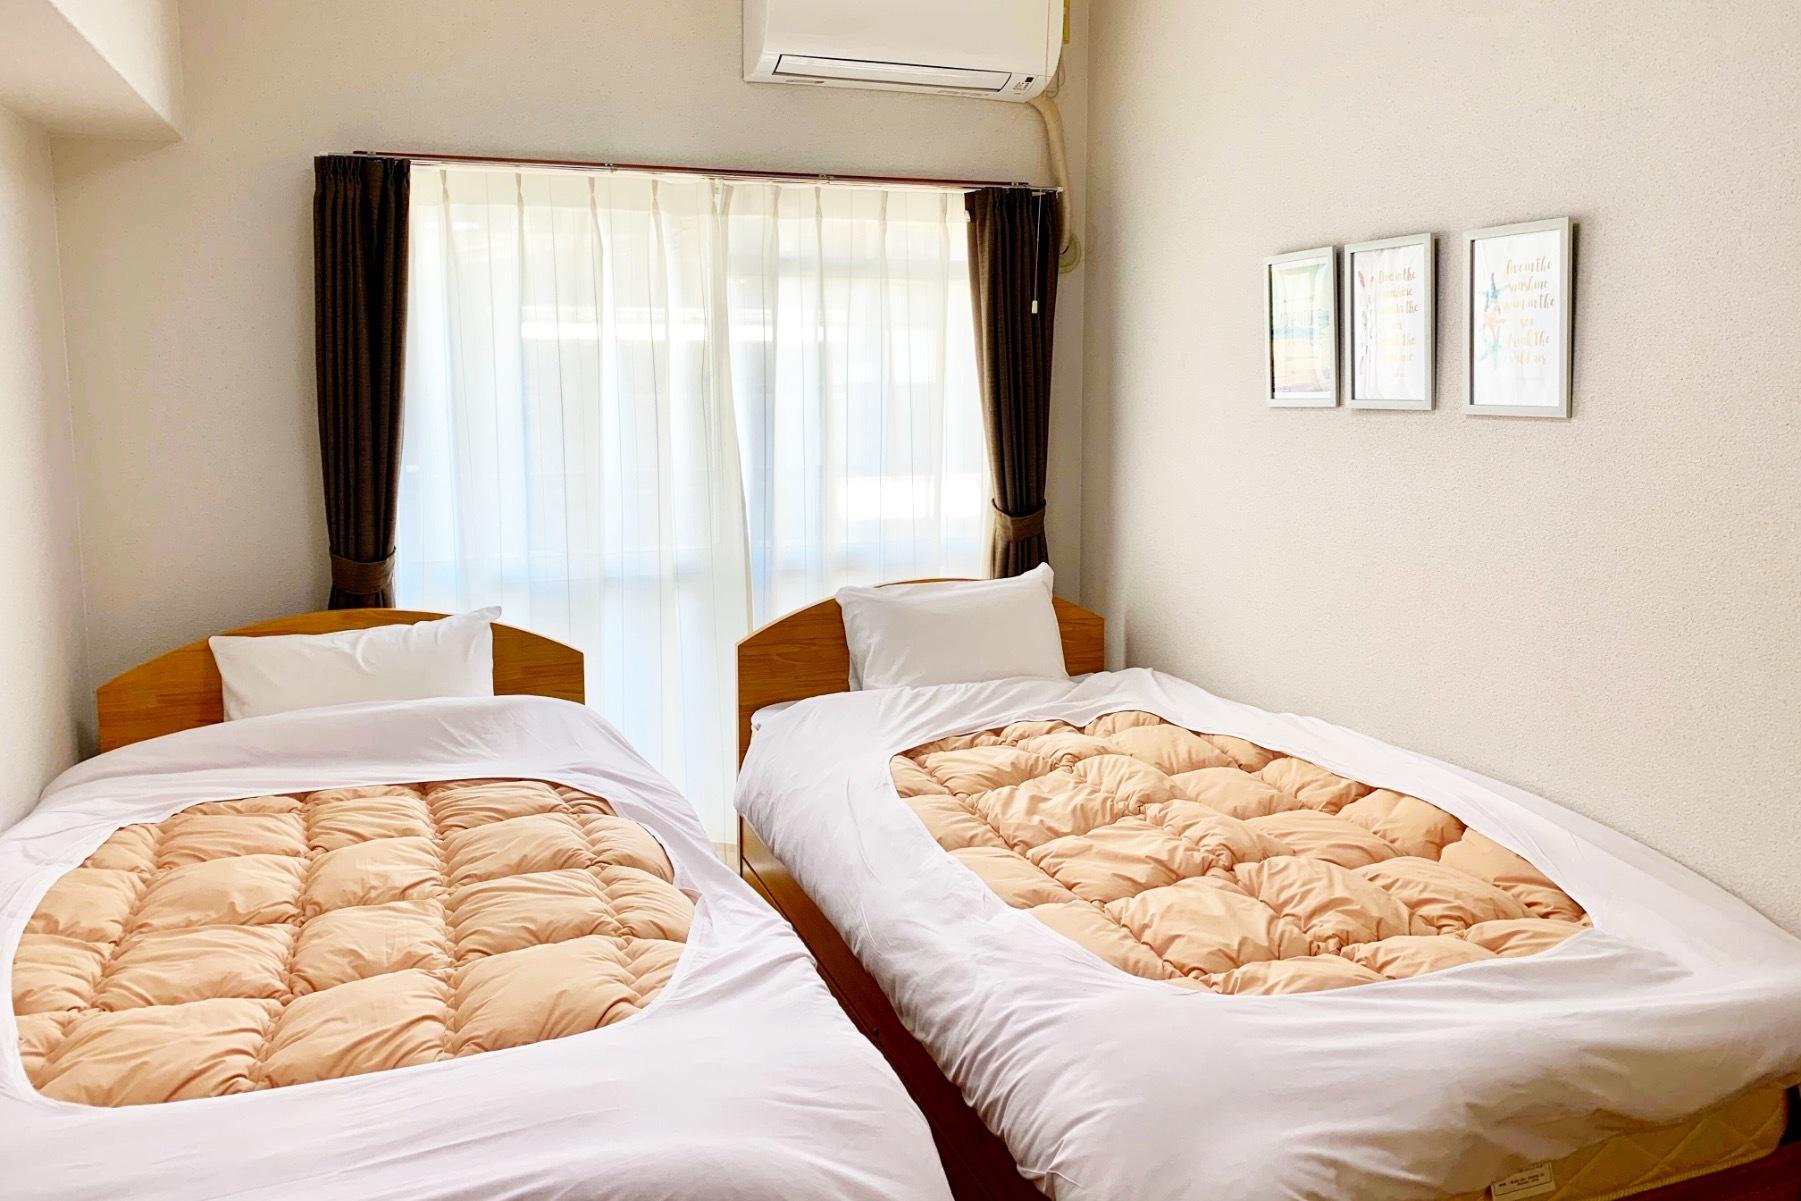 【301】 繁華街すぐの好立地★WiFi完備★1DKのお部屋でゆっくり過ごせる★ビジネス・観光に最適